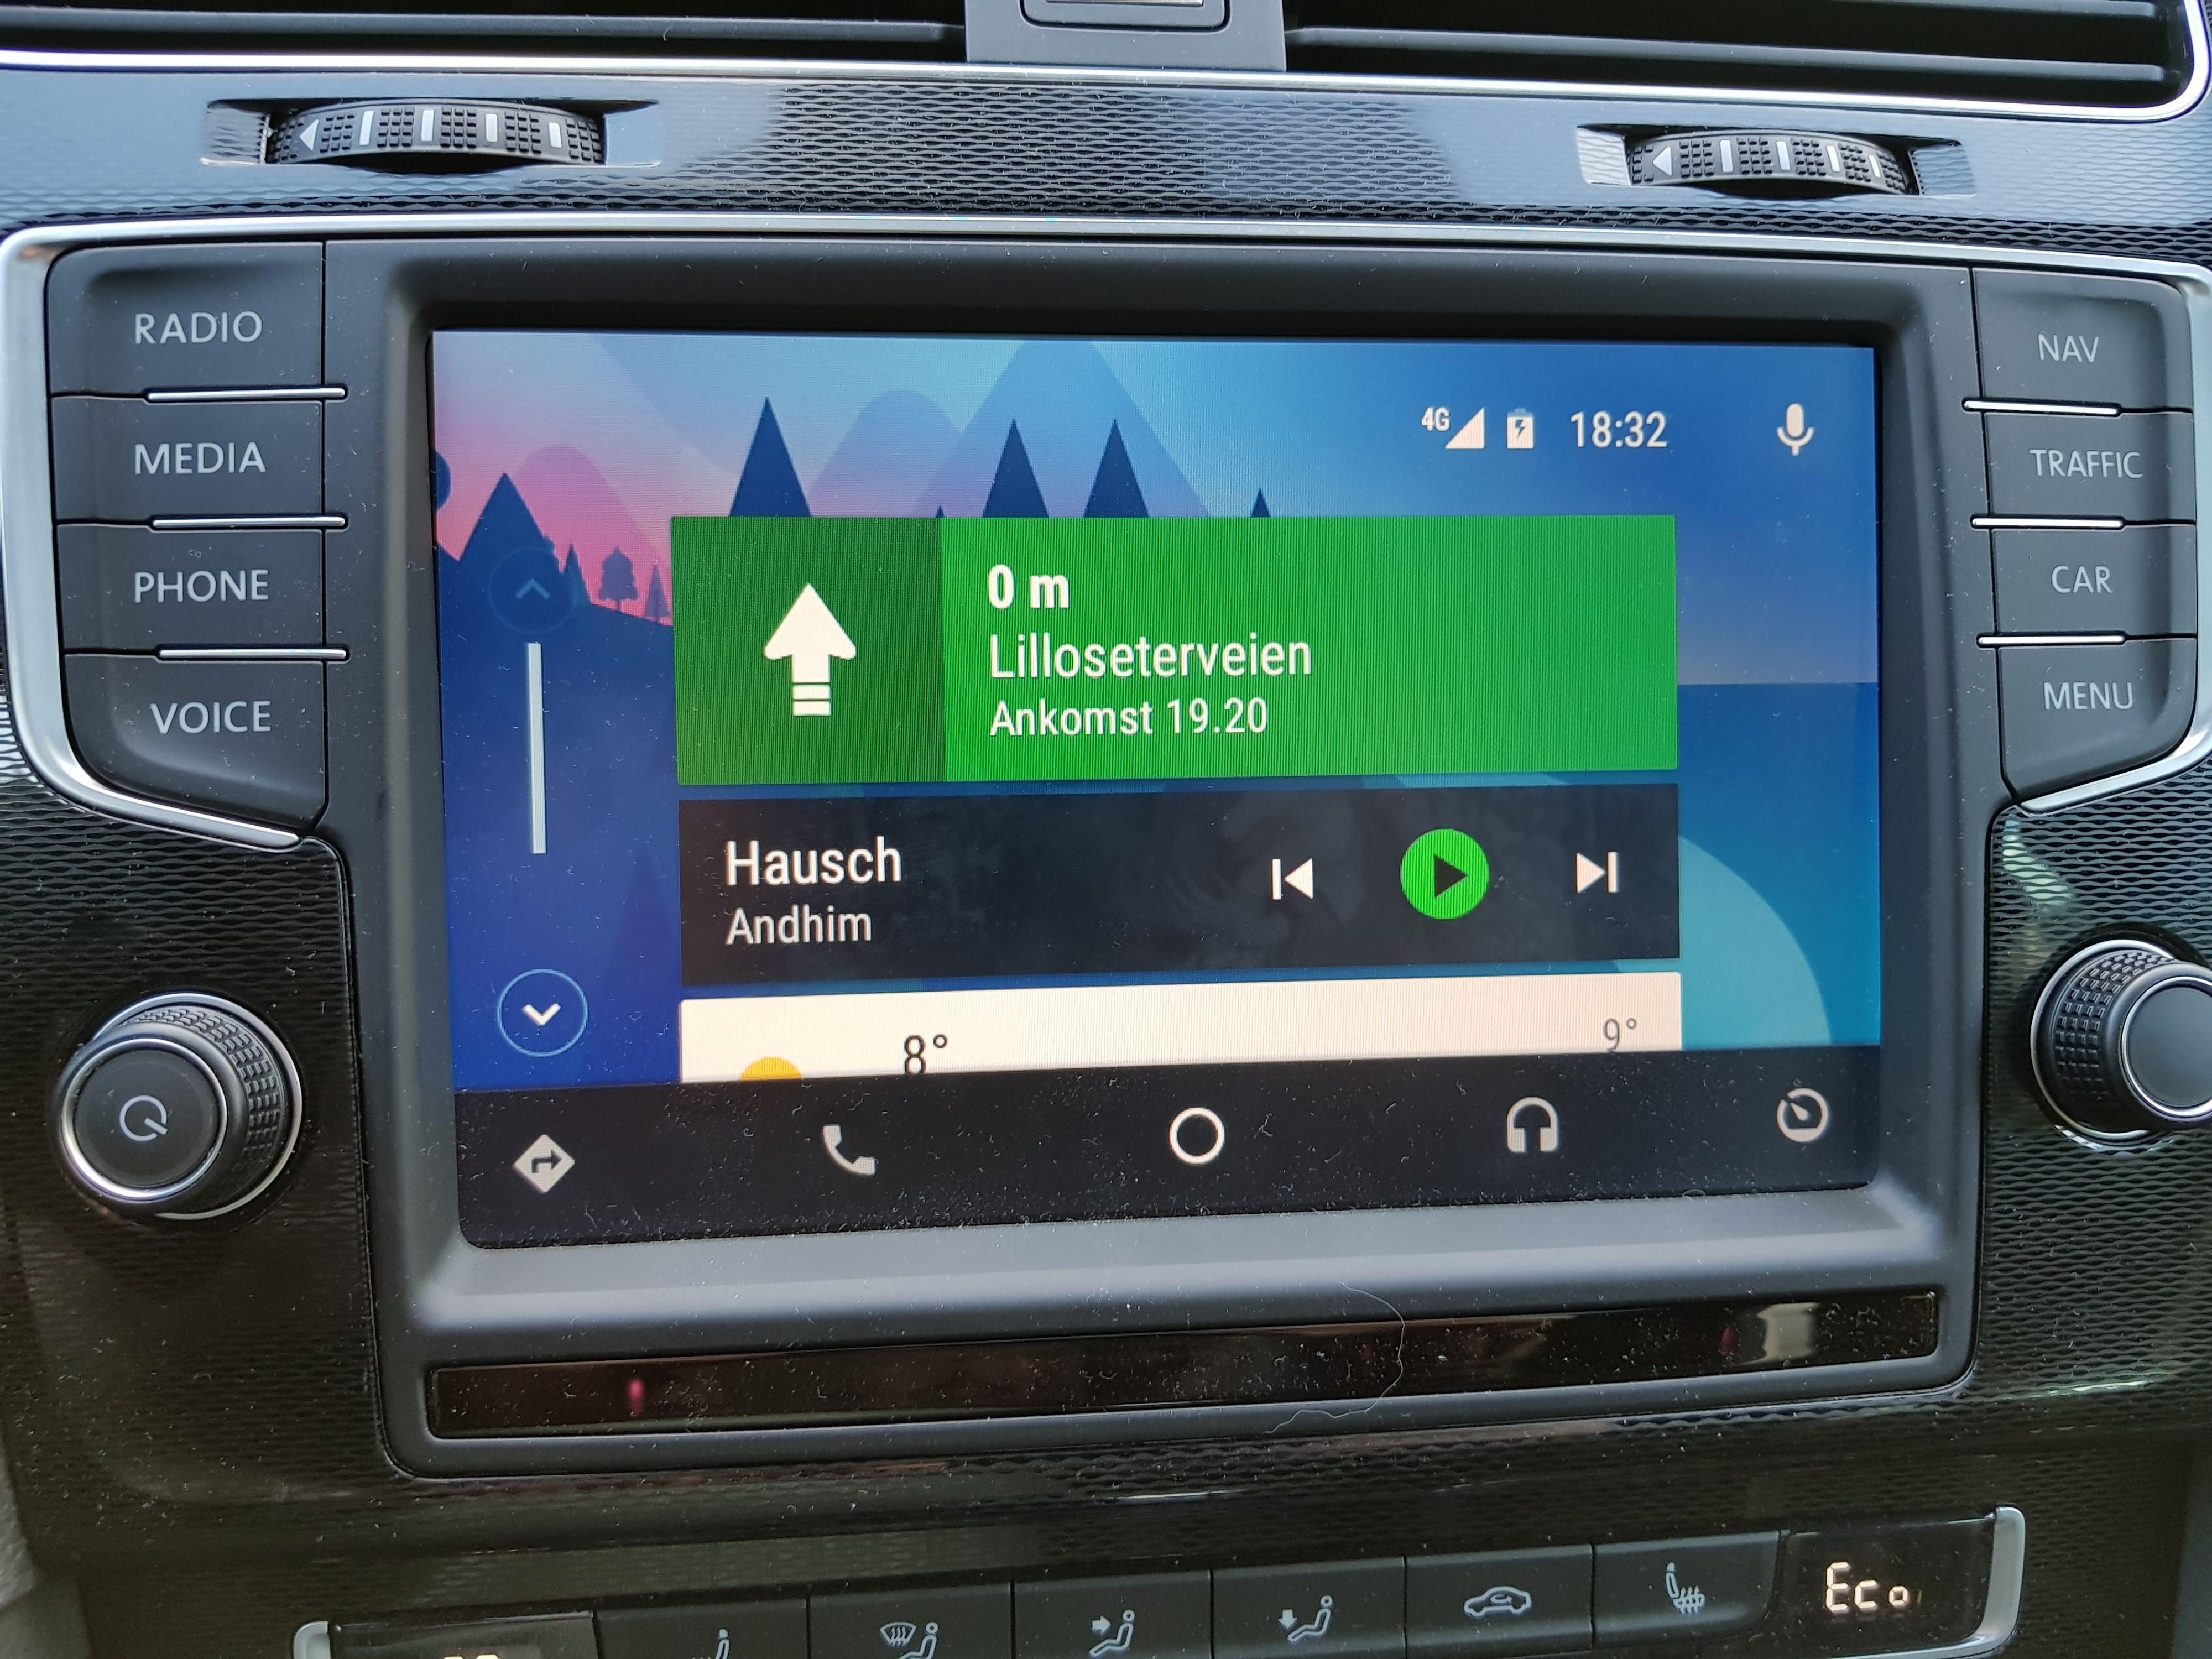 Hjemmeskjermen for Android Auto viser løpende gjøremål, og forslag til nye steder, samt litt grunnleggende informasjon om varslinger og vær. Men noen ren appmeny har du ikke her. Bilde: Finn Jarle Kvalheim, Tek.no